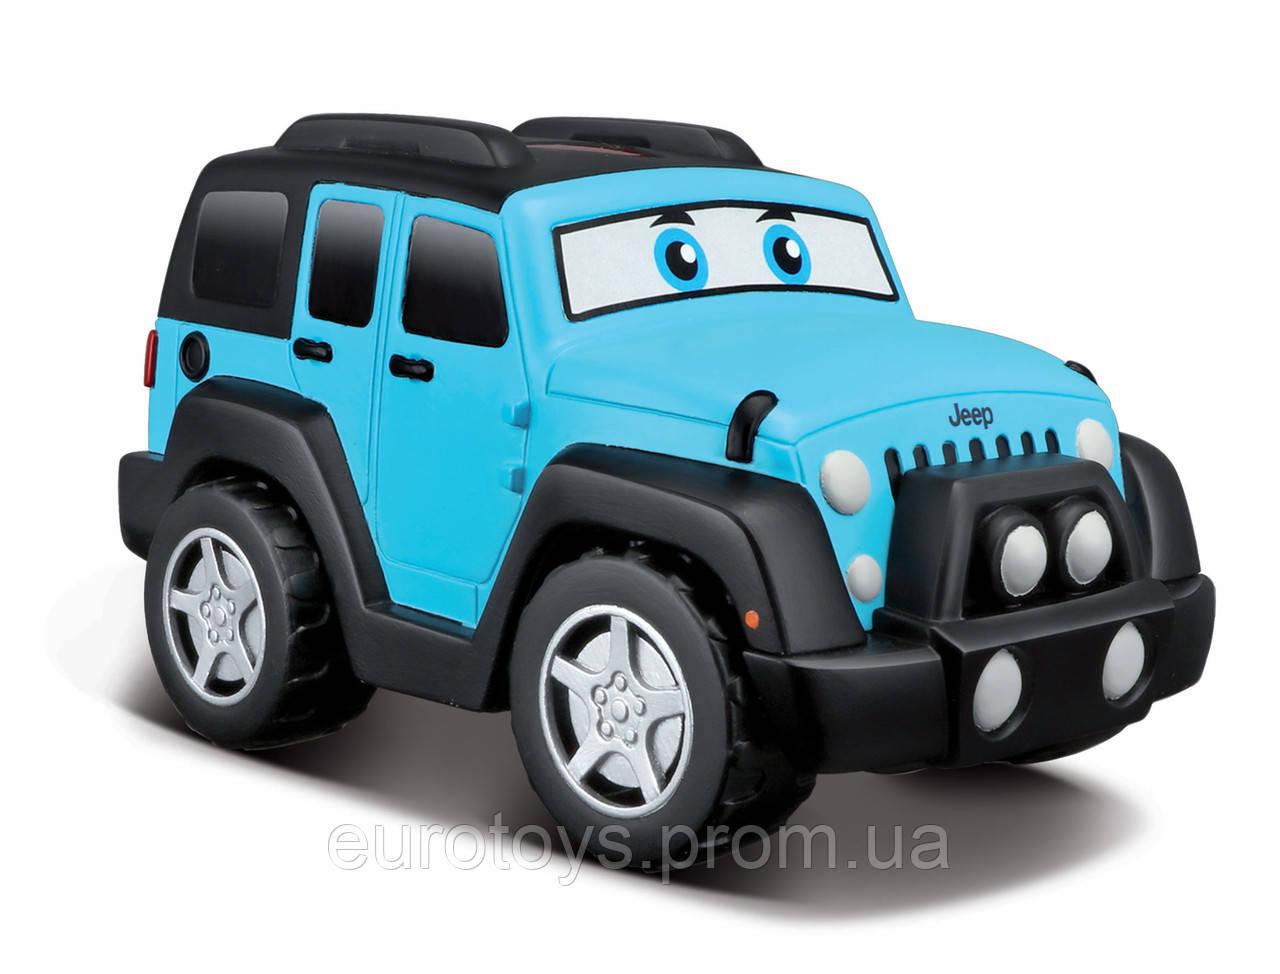 BB Junior игровая автомодель с И/К управлением Jeep Wrangler Unlimited